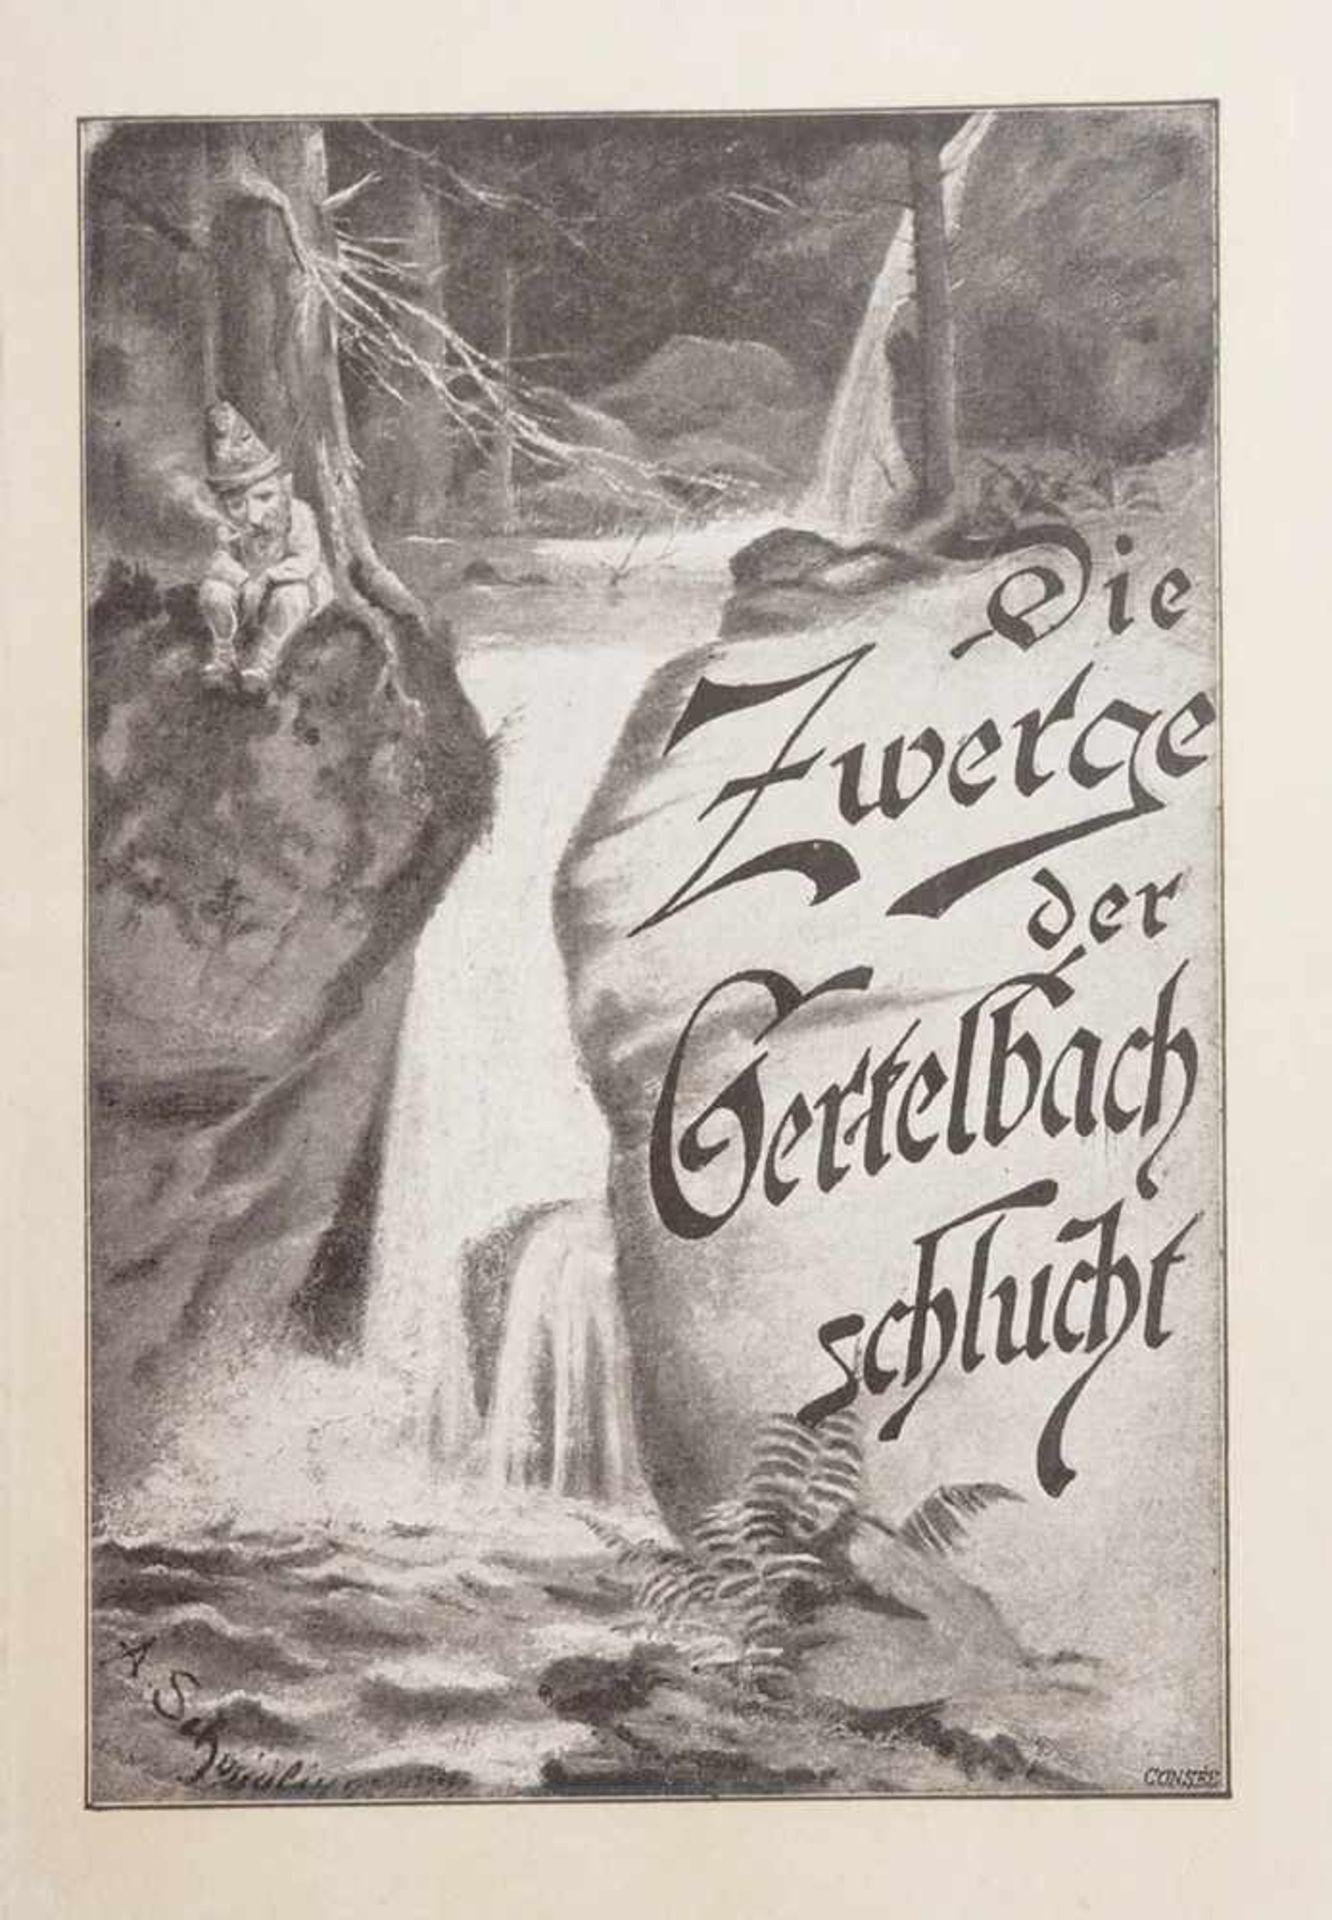 Schmidlin, Adolf1868 Lahr - 1954 Freiburg. Die Zwerge der Gertelbachschlucht, Lahr 1897 mit - Bild 3 aus 5